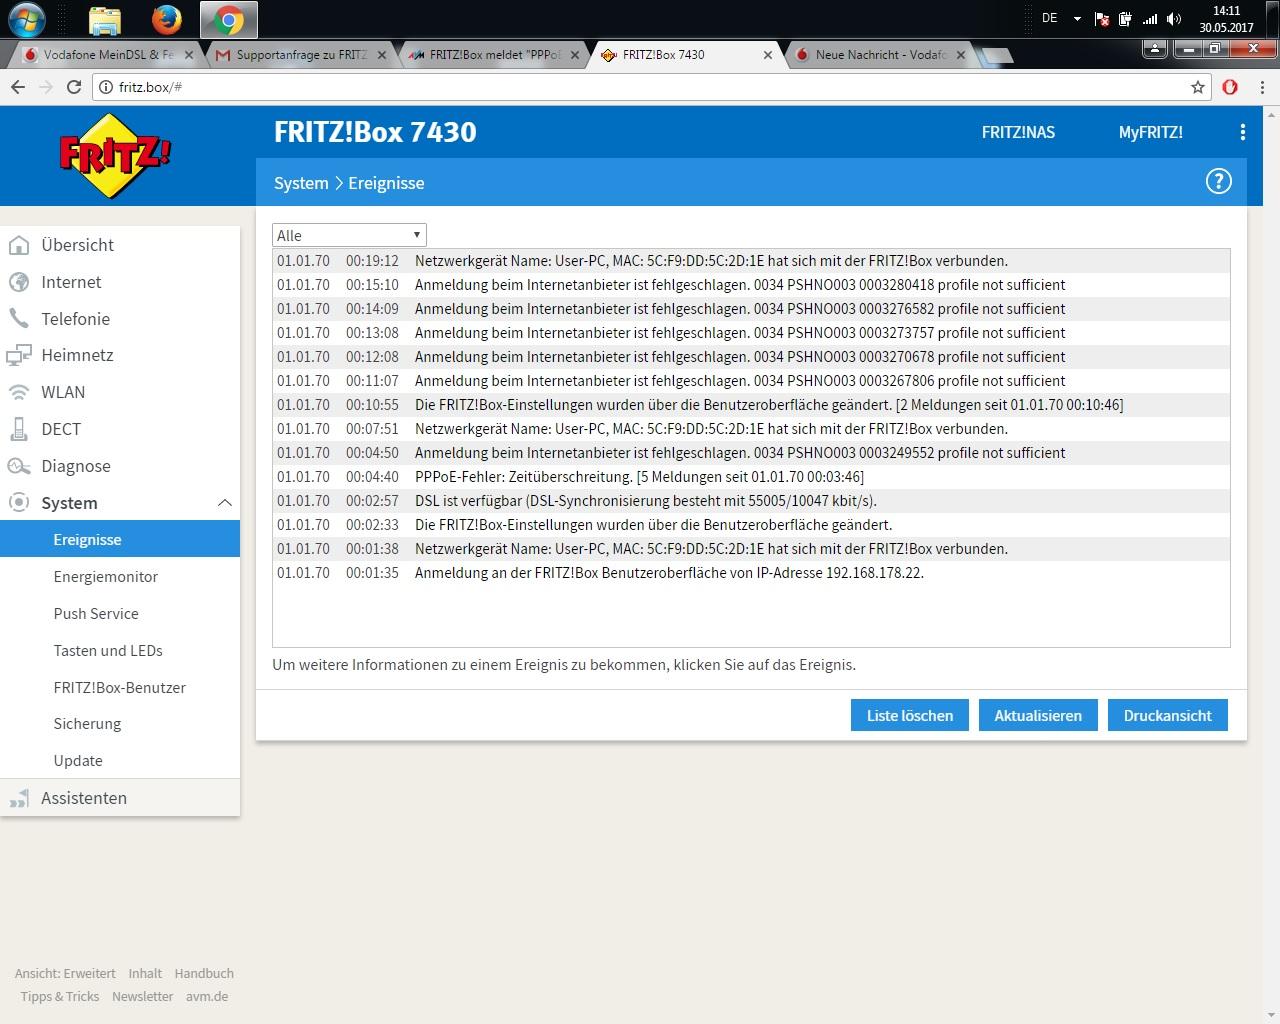 FB 20 Anmeldung beim Internetanbieter ist fehlge...   Vodafone ...